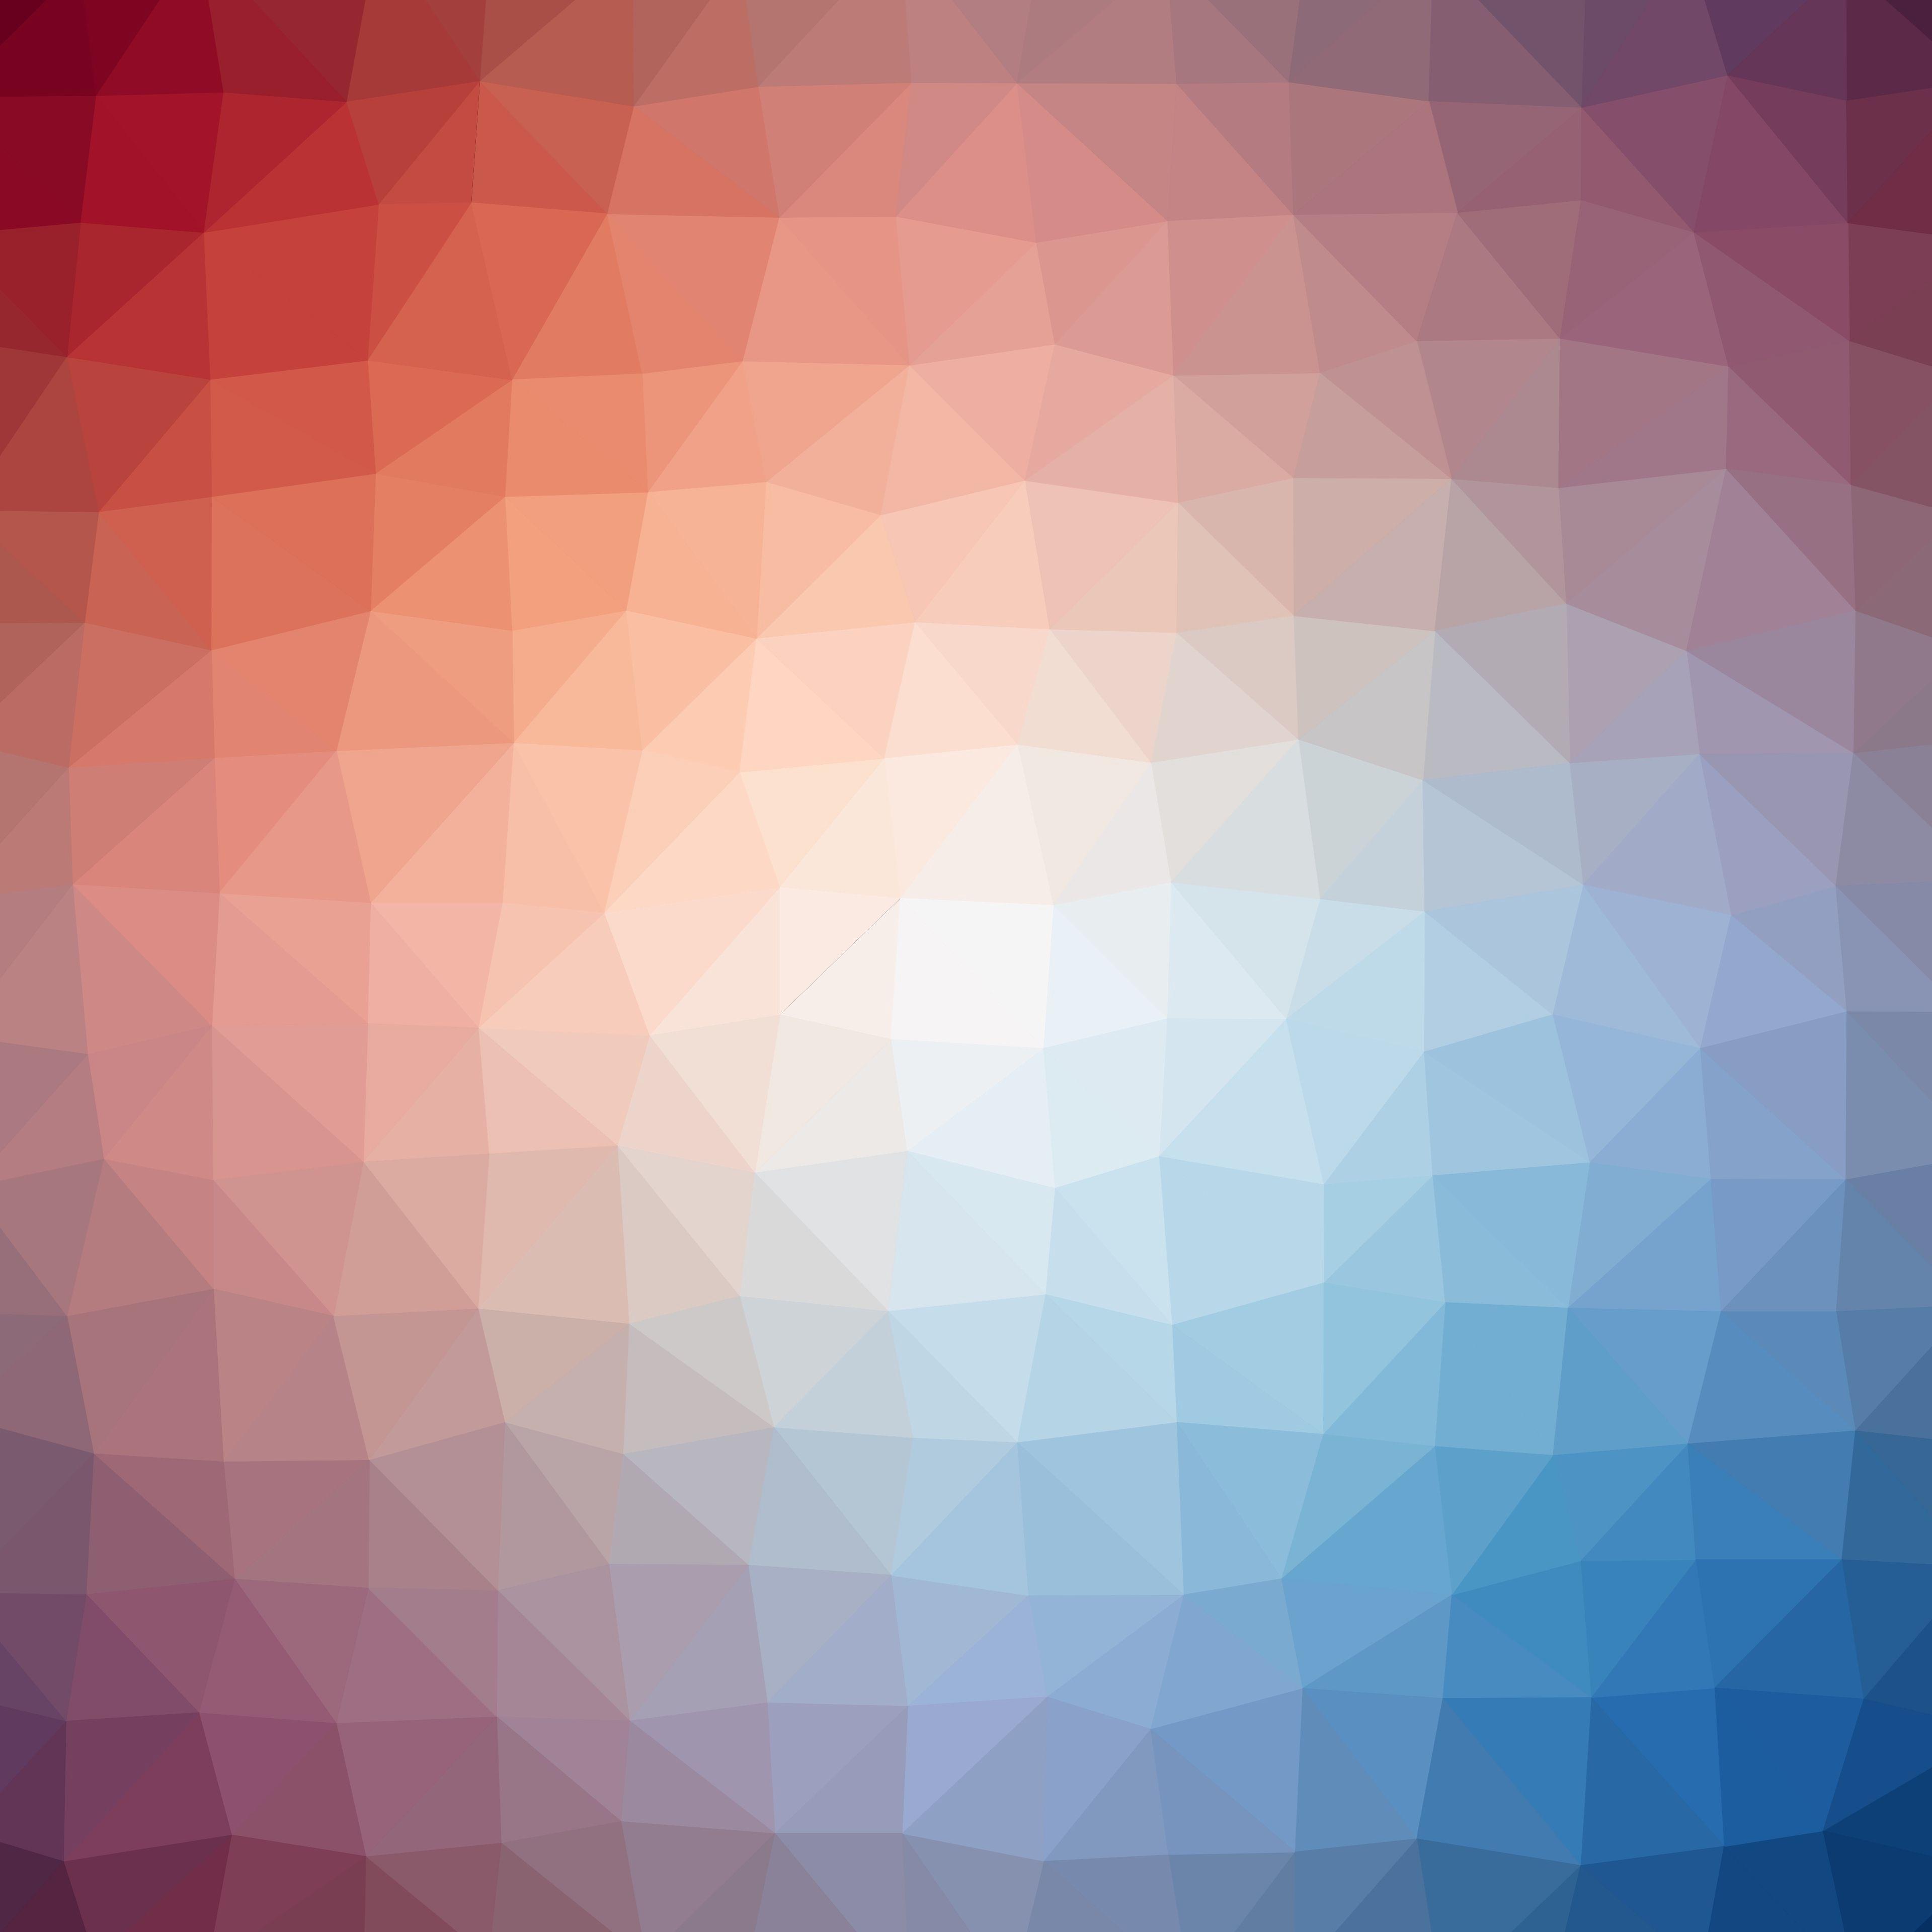 128079 économiseurs d'écran et fonds d'écran Textures sur votre téléphone. Téléchargez Textures, Texture, Forme, Formes, Pente, Le Volume, Volumétrique, Géométrique, Polygone images gratuitement